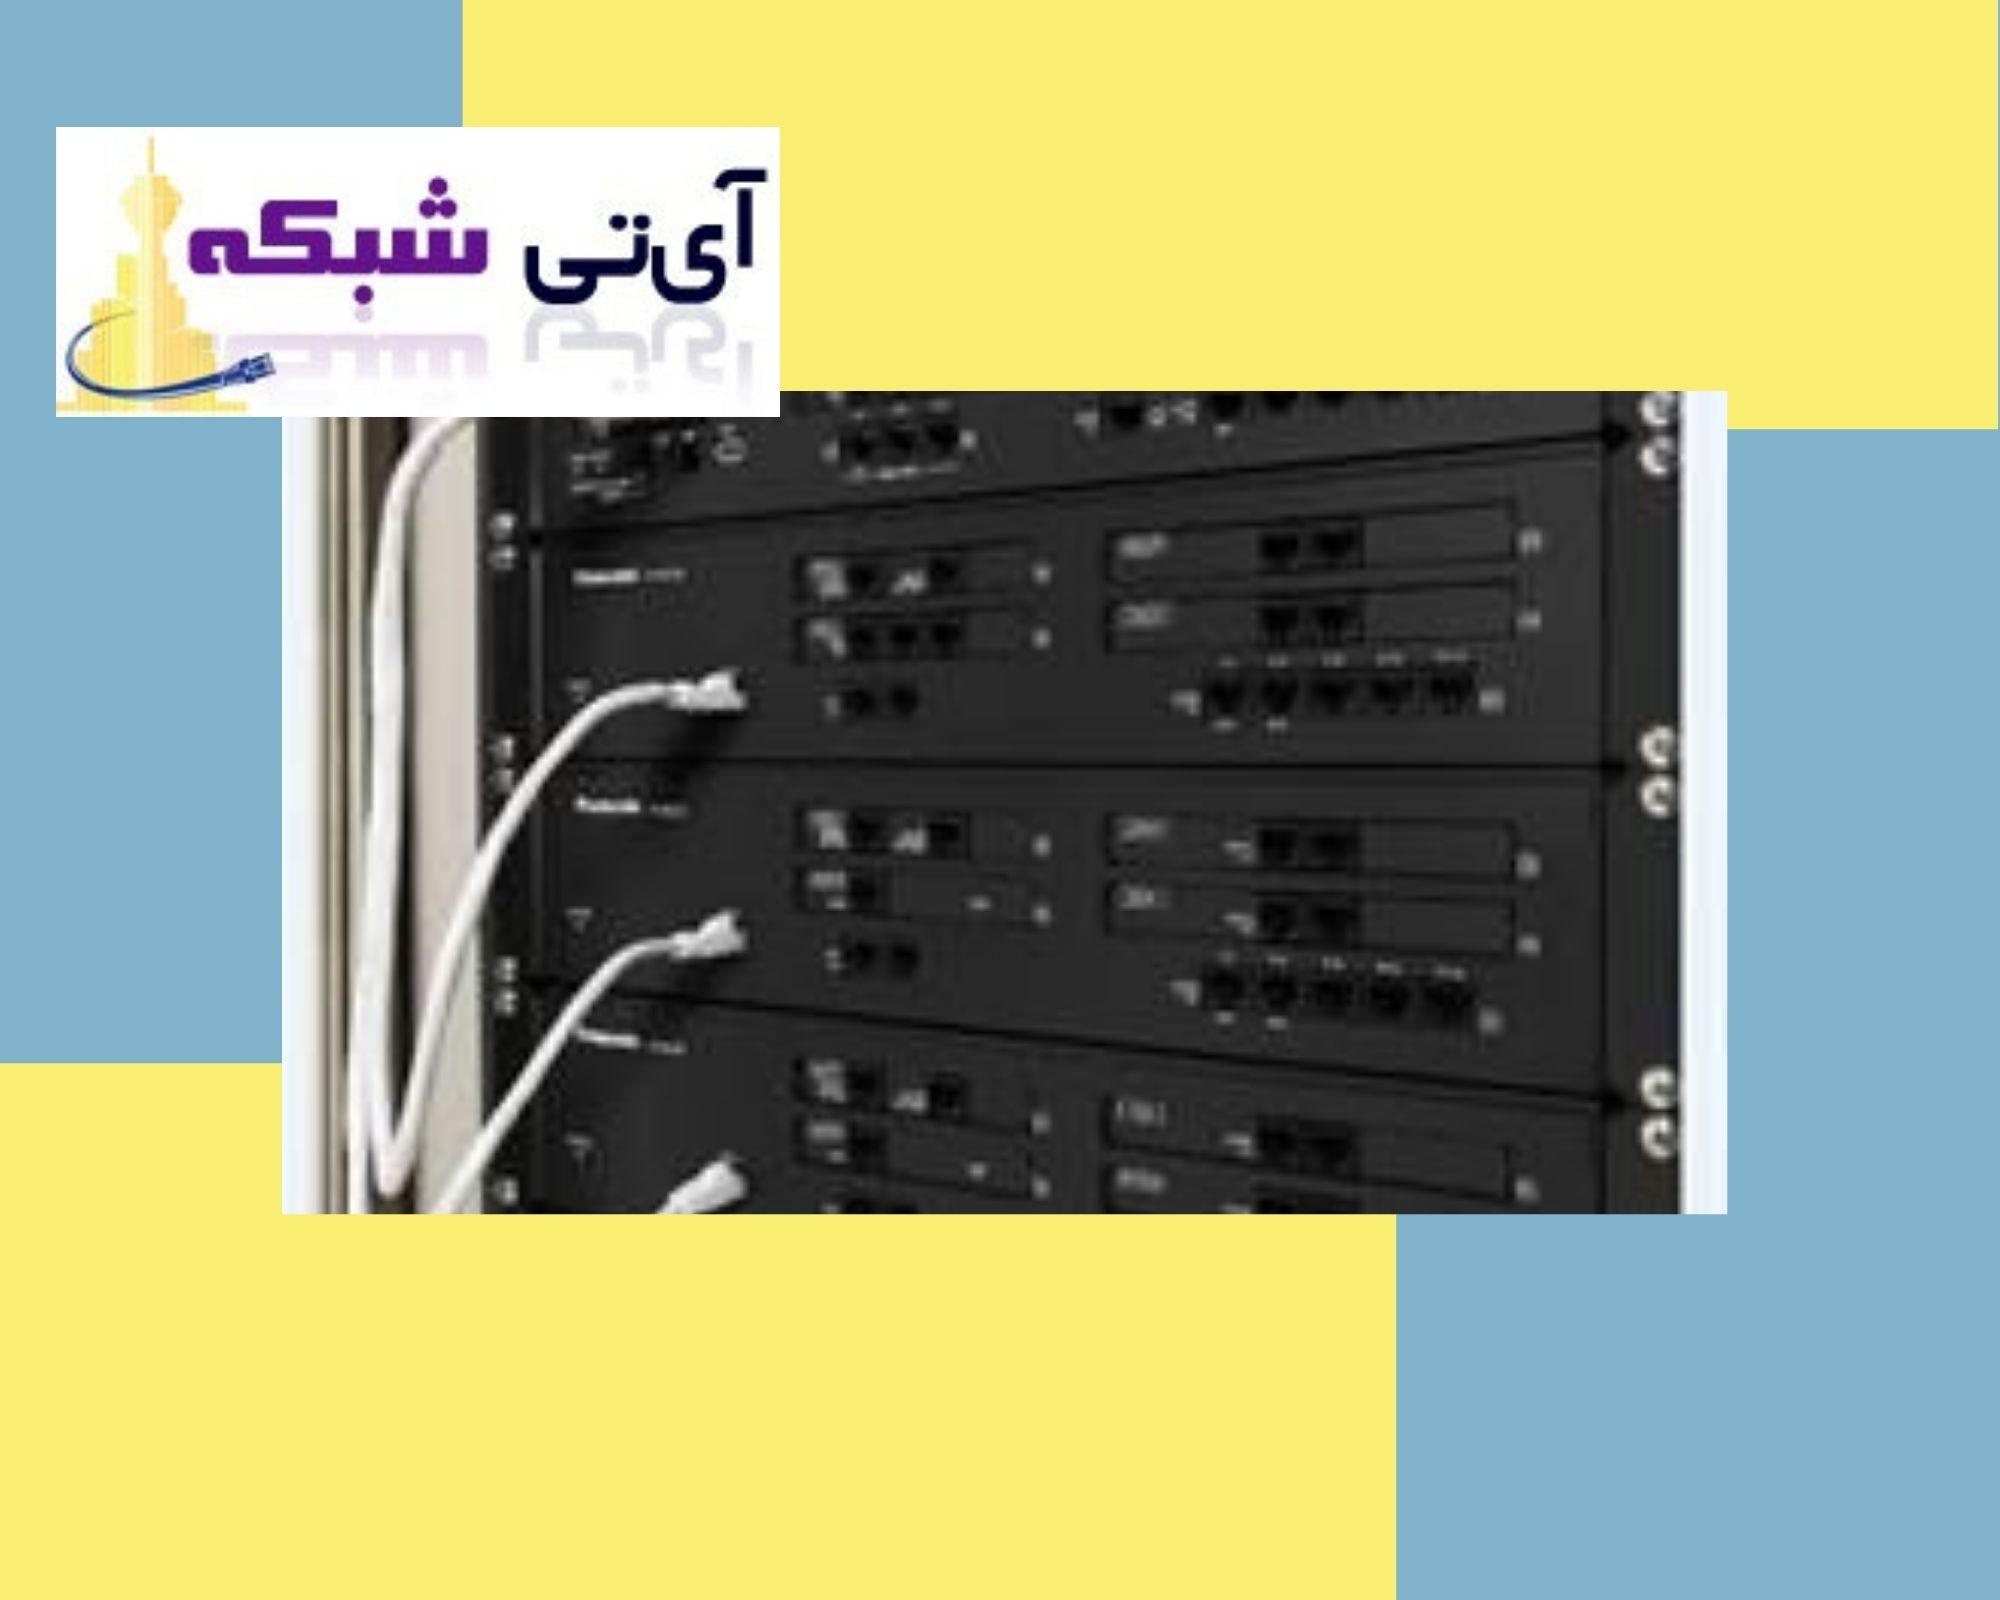 سانترال - تحت -شبکه- ای - تی - شبکه